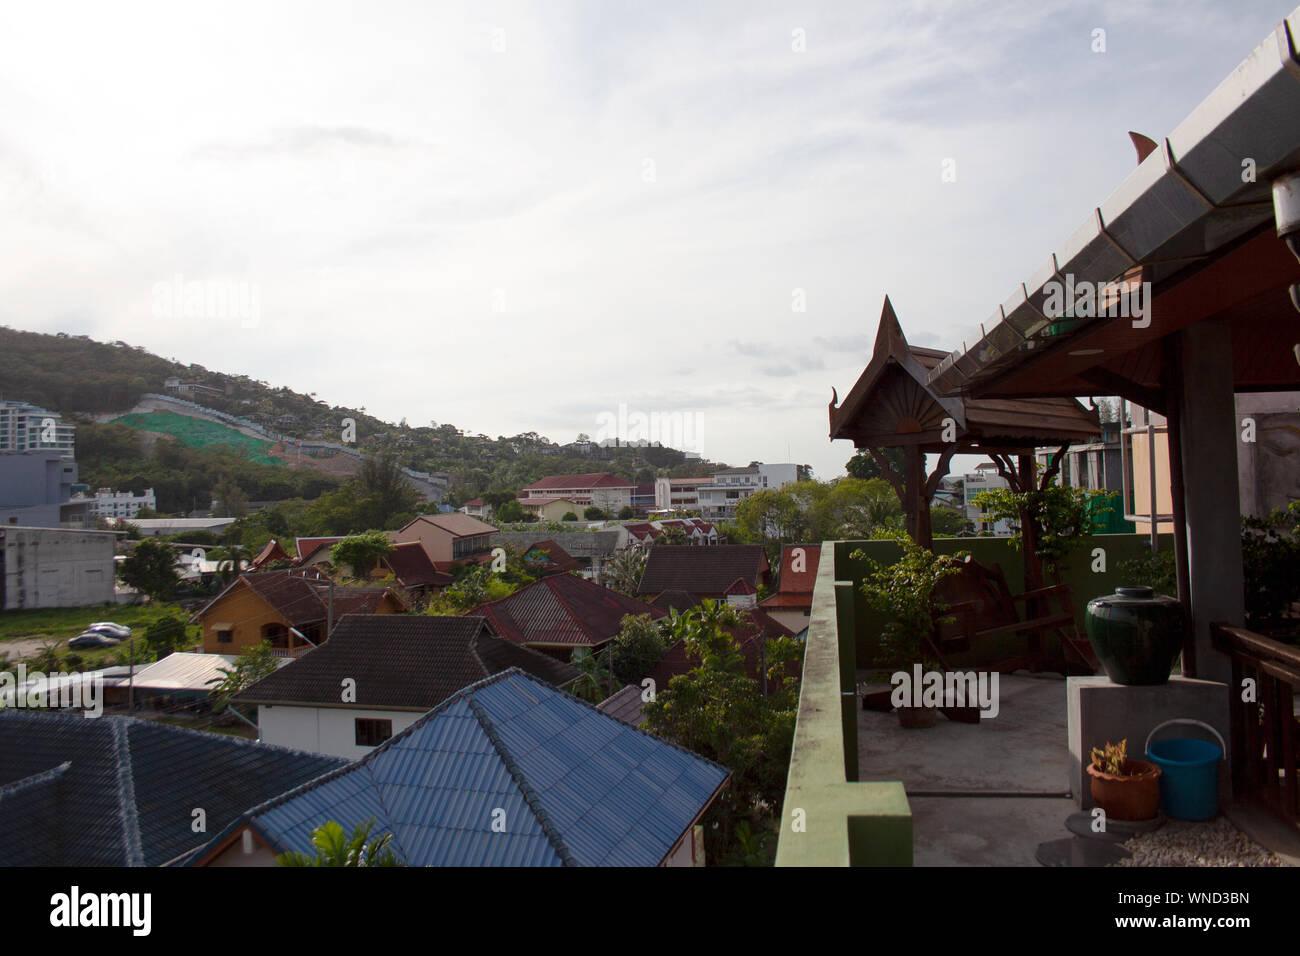 Vista Panorámica Sobre Los Tejados De Las Casas Rurales